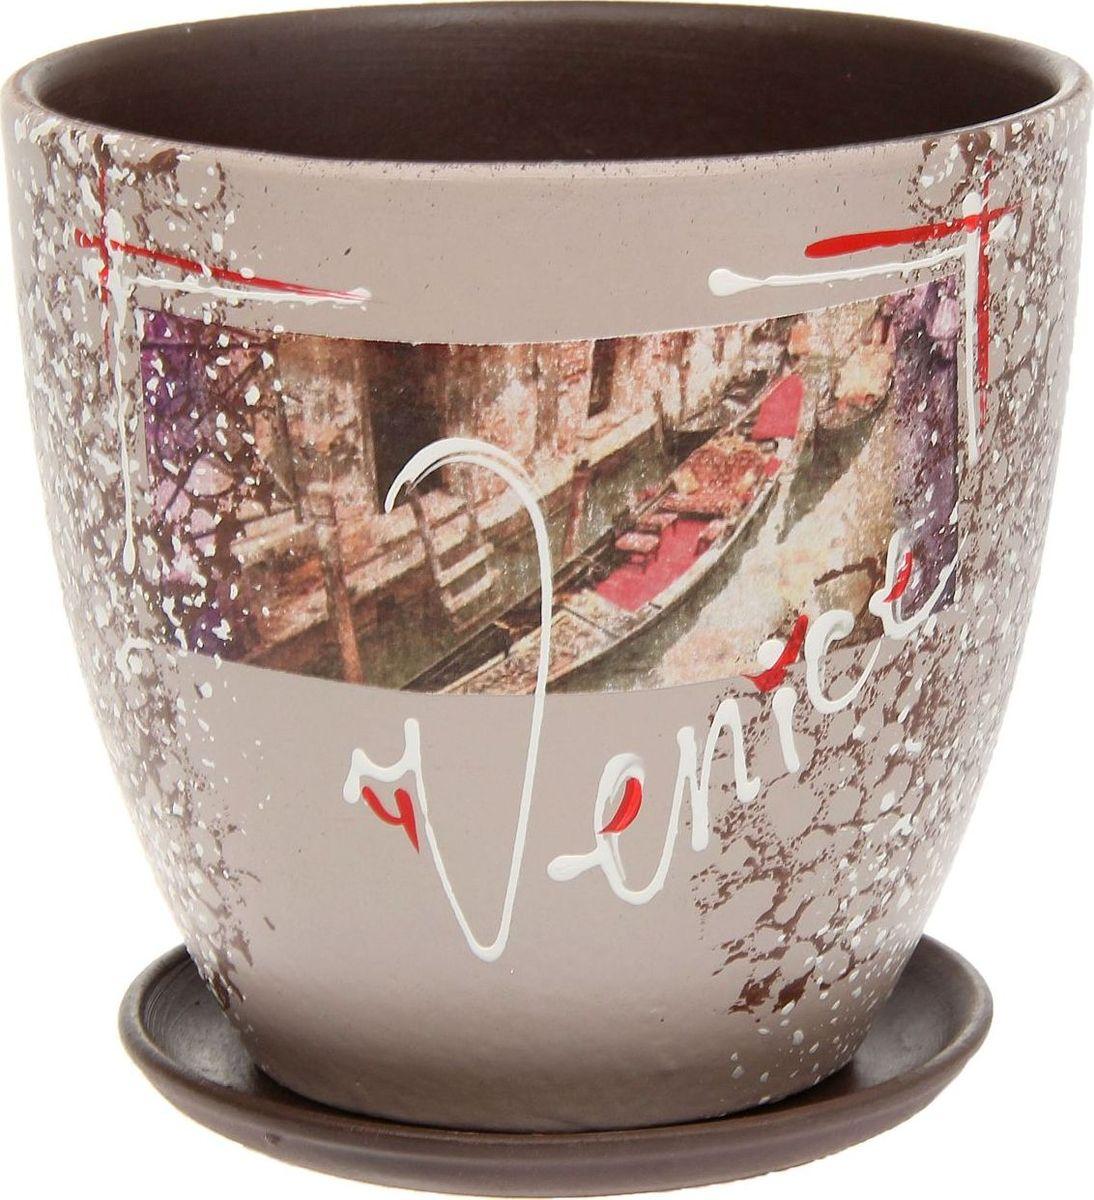 Кашпо Венеция, 1,1 л1138545Комнатные растения — всеобщие любимцы. Они радуют глаз, насыщают помещение кислородом и украшают пространство. Каждому из них необходим свой удобный и красивый дом. Кашпо из керамики прекрасно подходят для высадки растений: за счет пластичности глины и разных способов обработки существует великое множество форм и дизайнов пористый материал позволяет испаряться лишней влаге воздух, необходимый для дыхания корней, проникает сквозь керамические стенки! позаботится о зеленом питомце, освежит интерьер и подчеркнет его стиль.